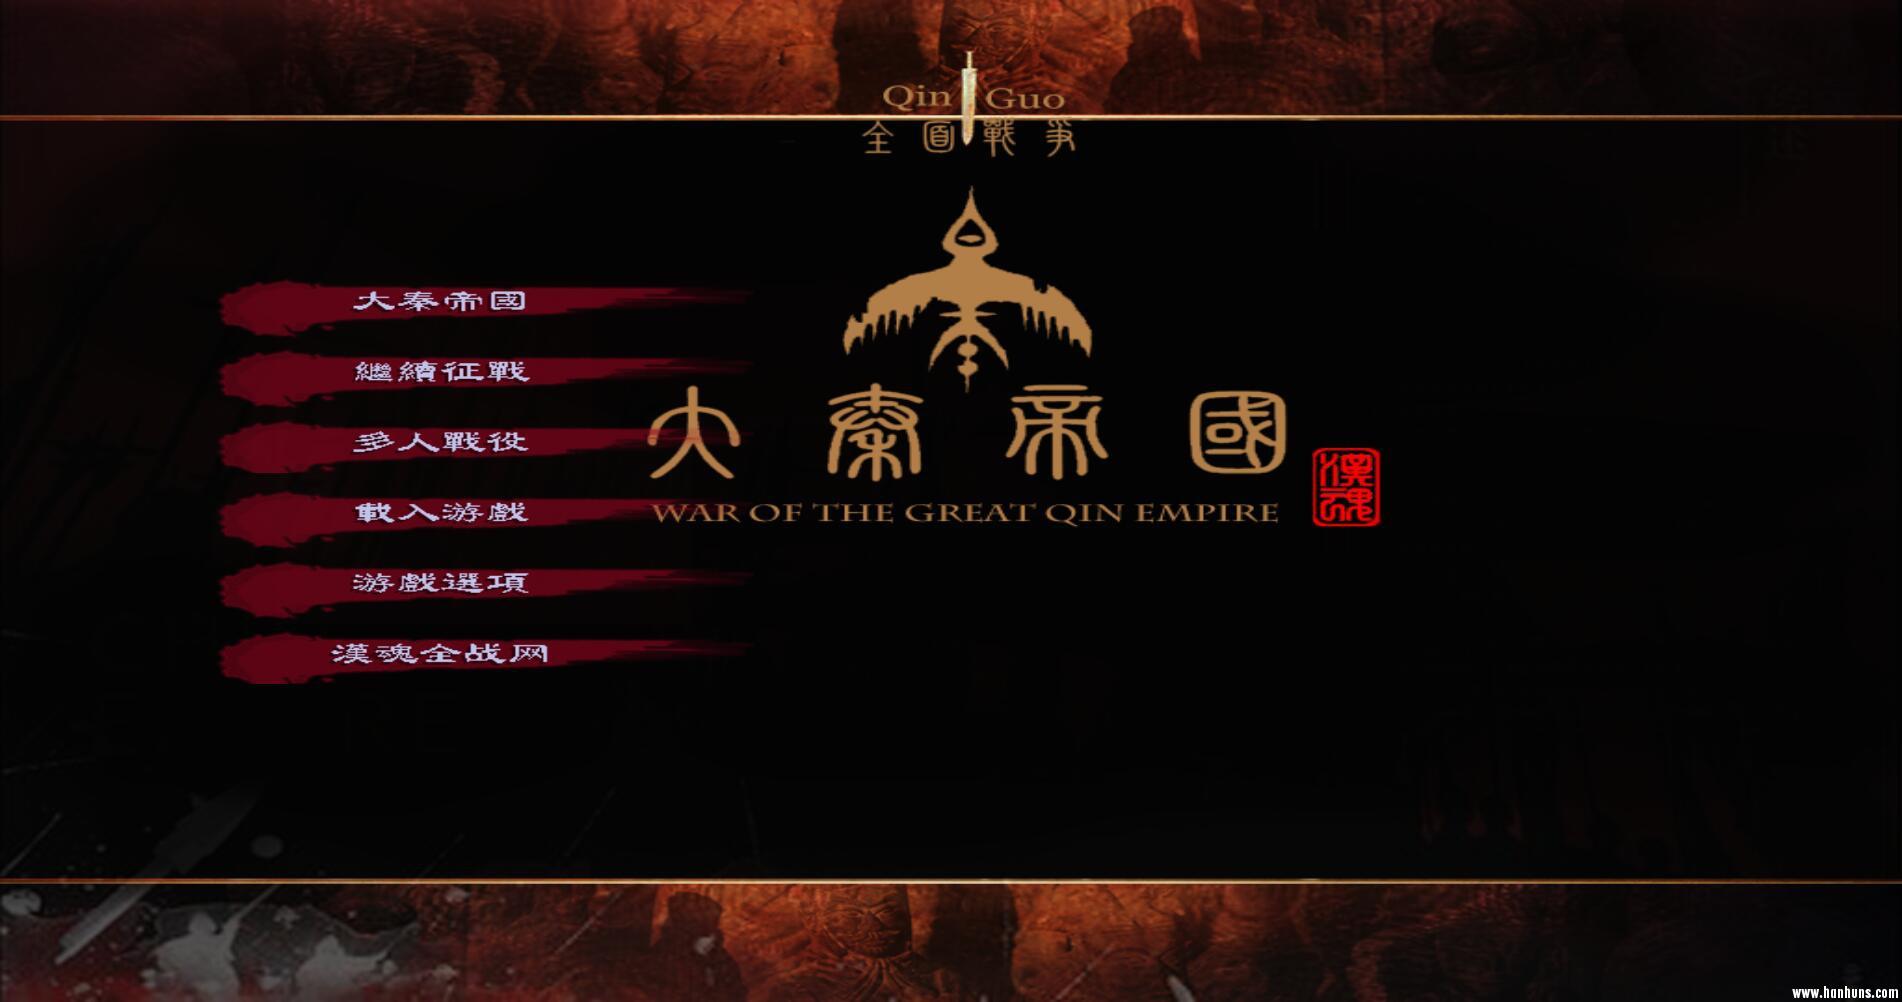 大秦帝国全面战争1.0